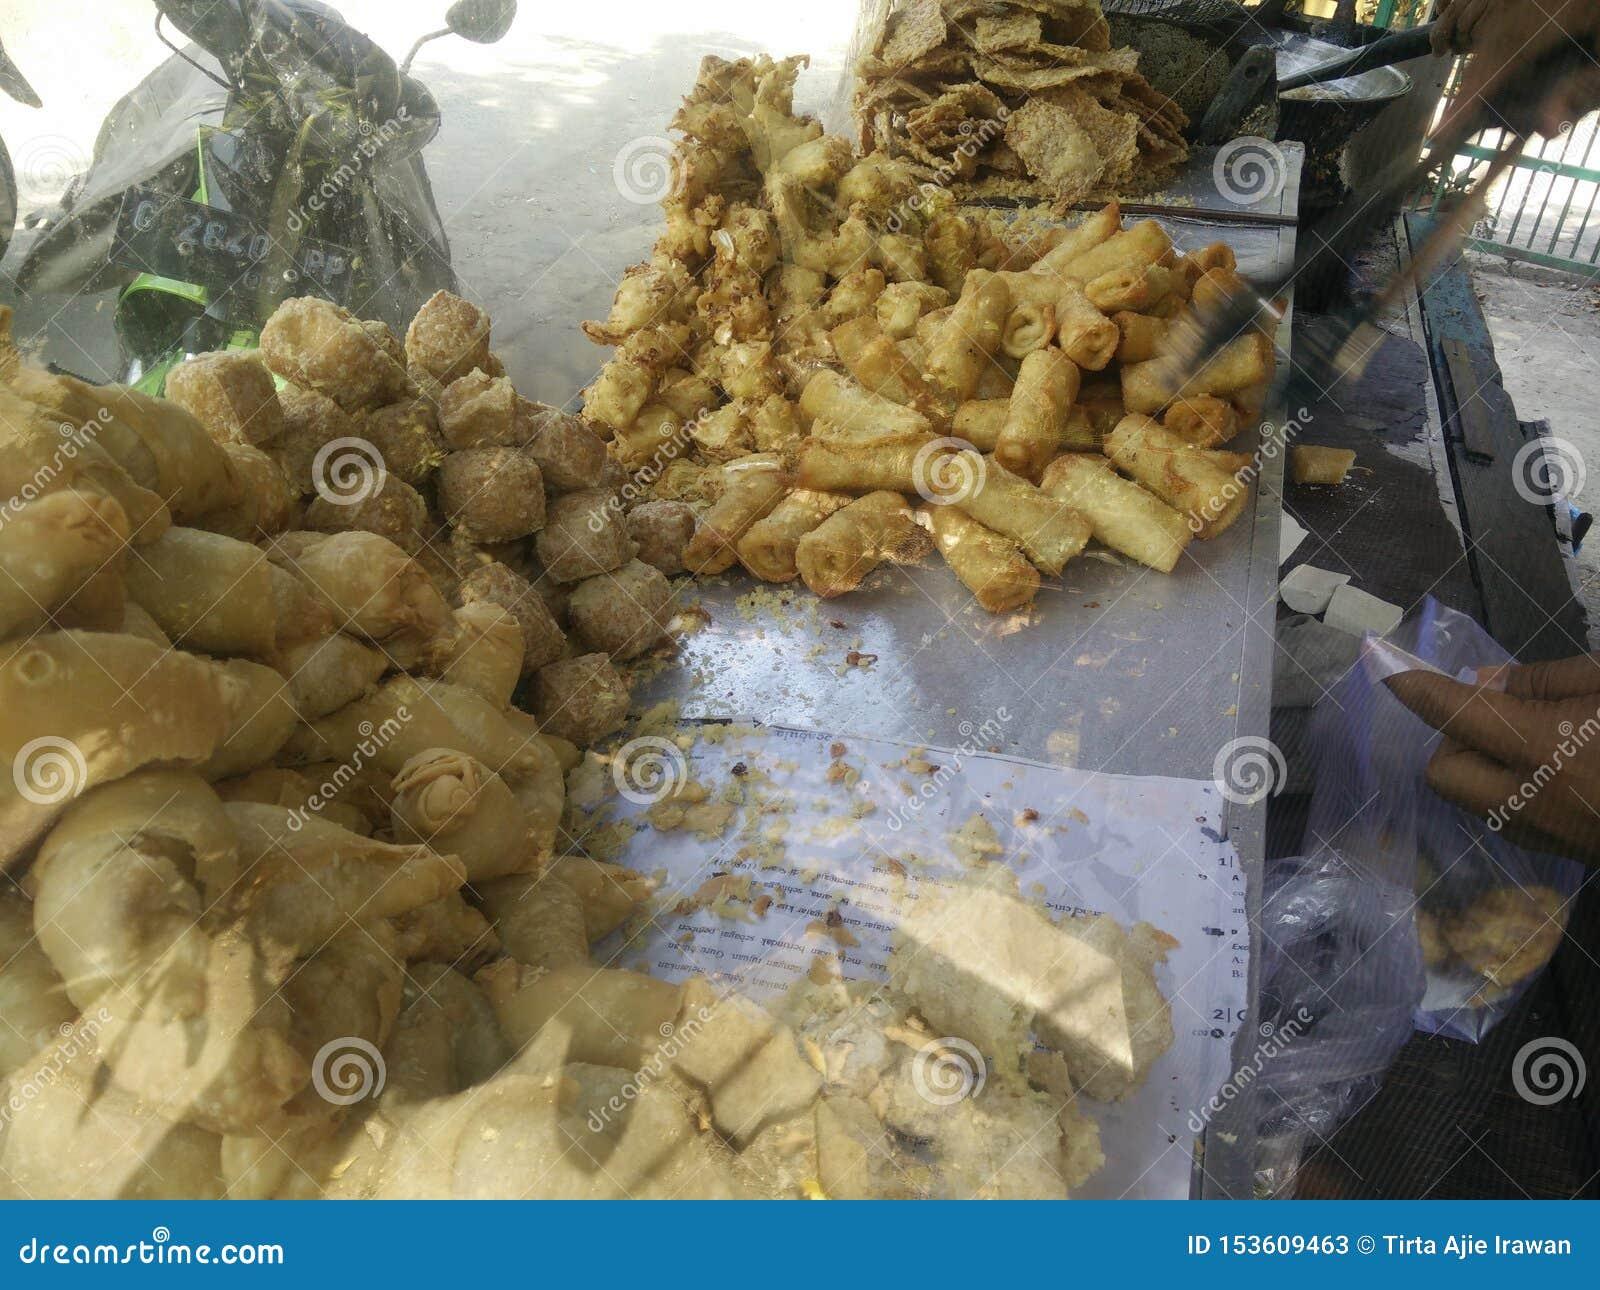 Bekasi Indonesië 10 Juli 2019 Gorengan: Het gebraden voedsel is één gebraden type van populaire snack in Indonesië, tempeh, tofu